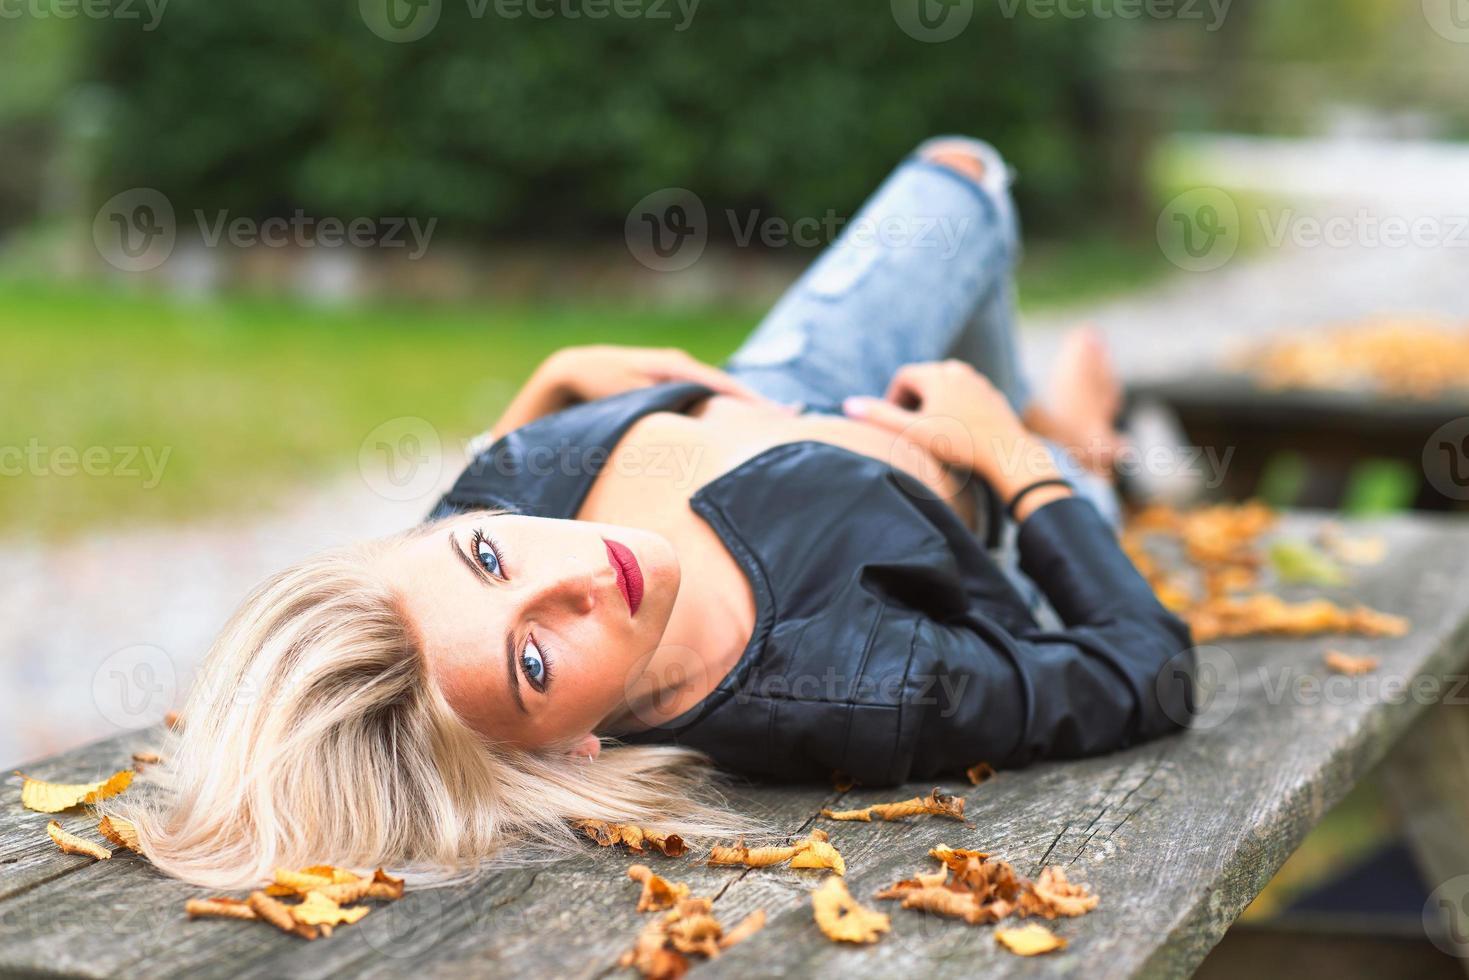 fille nue blonde sexy portant sur un banc en bois en automne photo